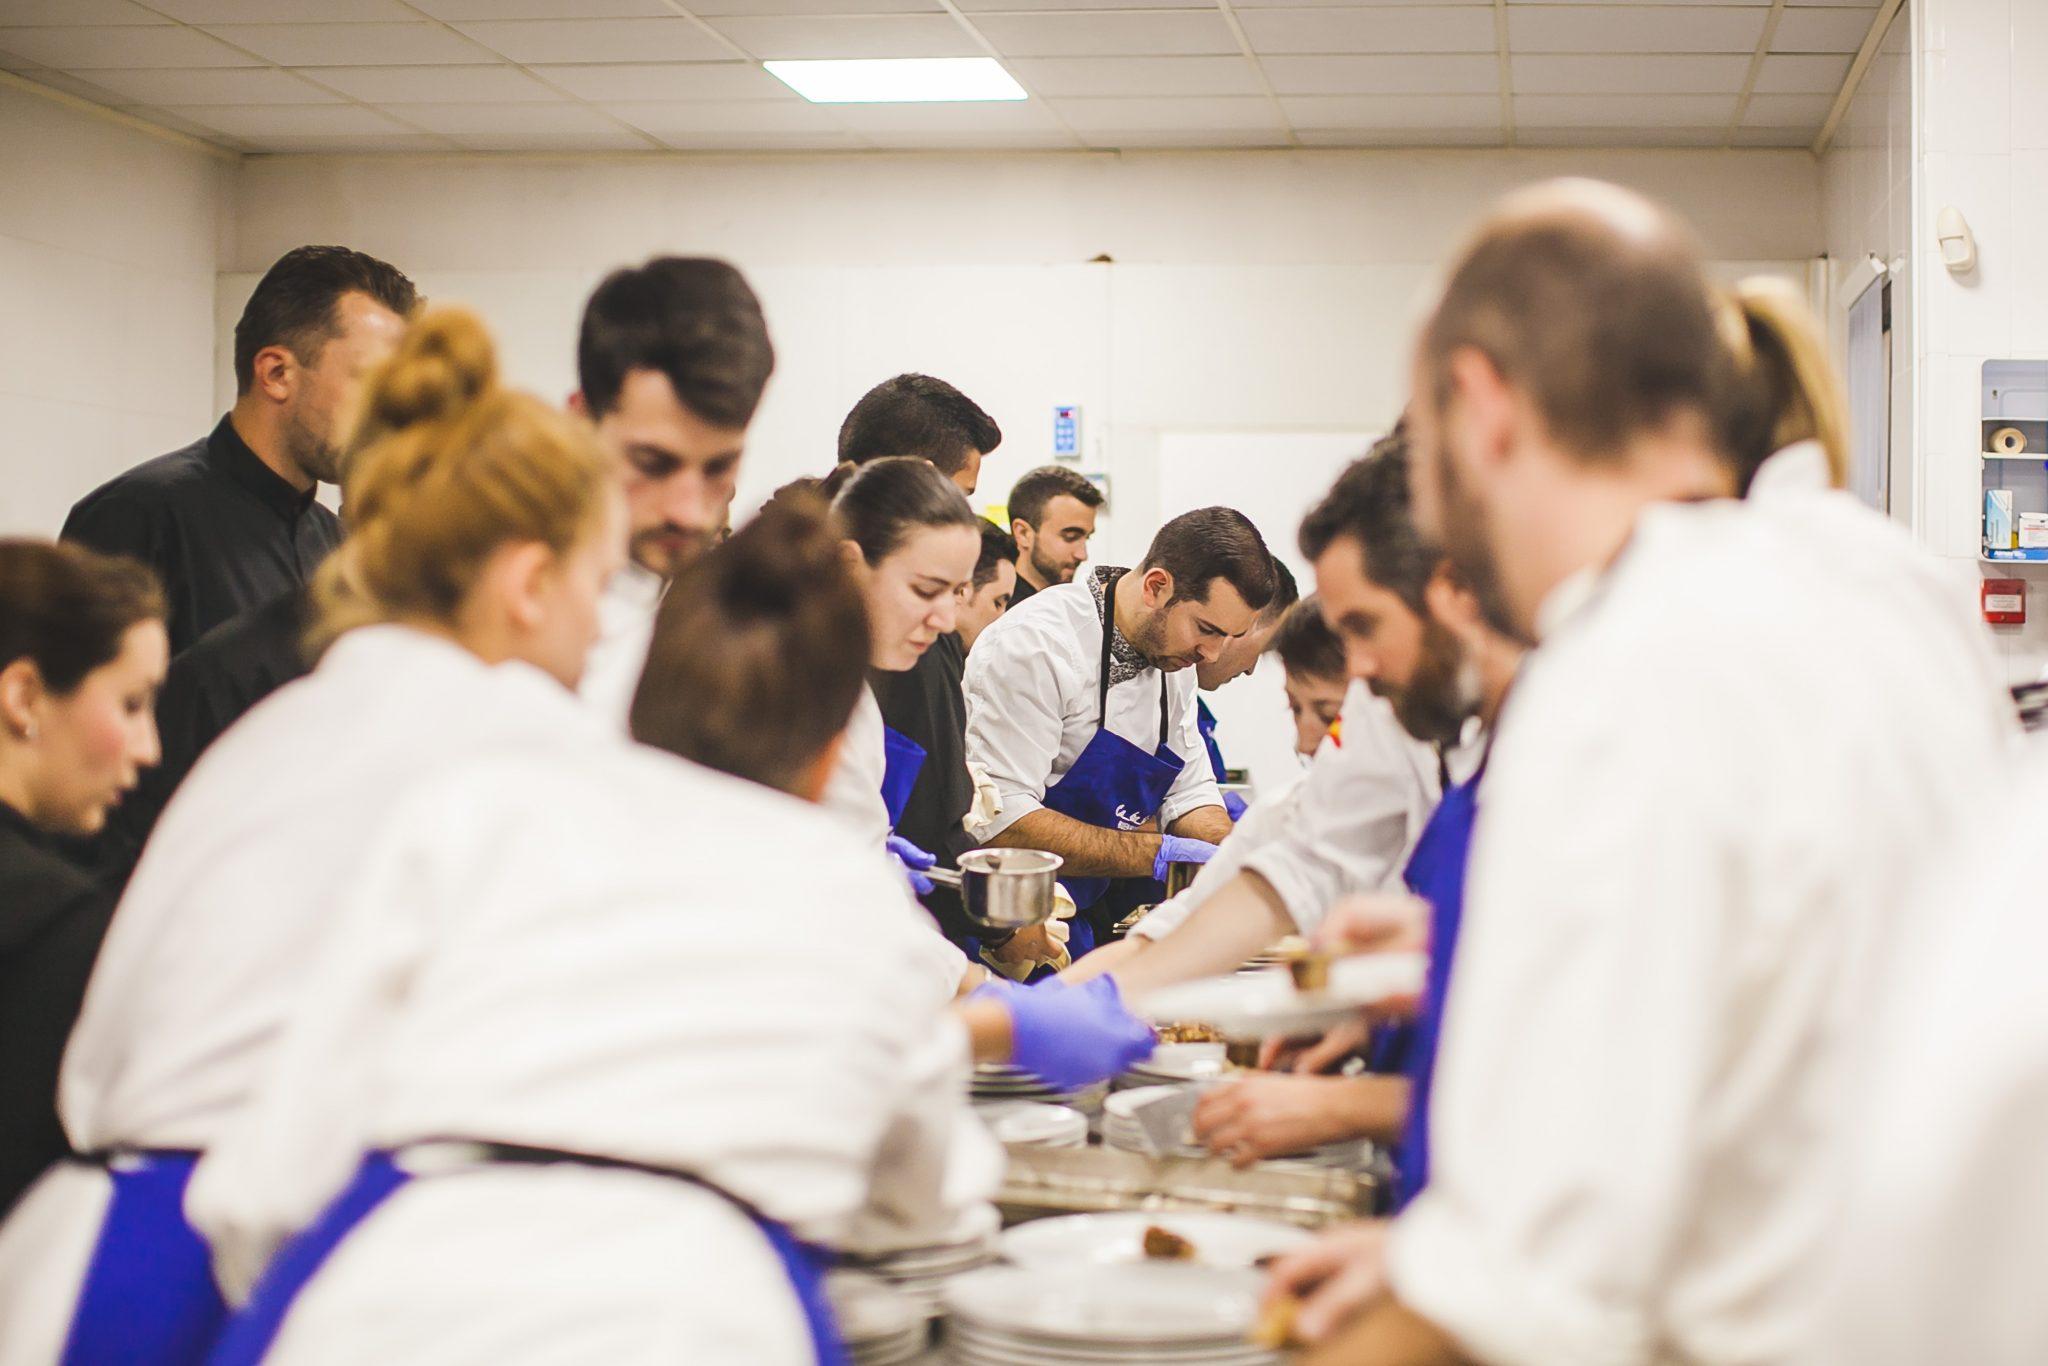 chefs-cena-de-las-estrellas